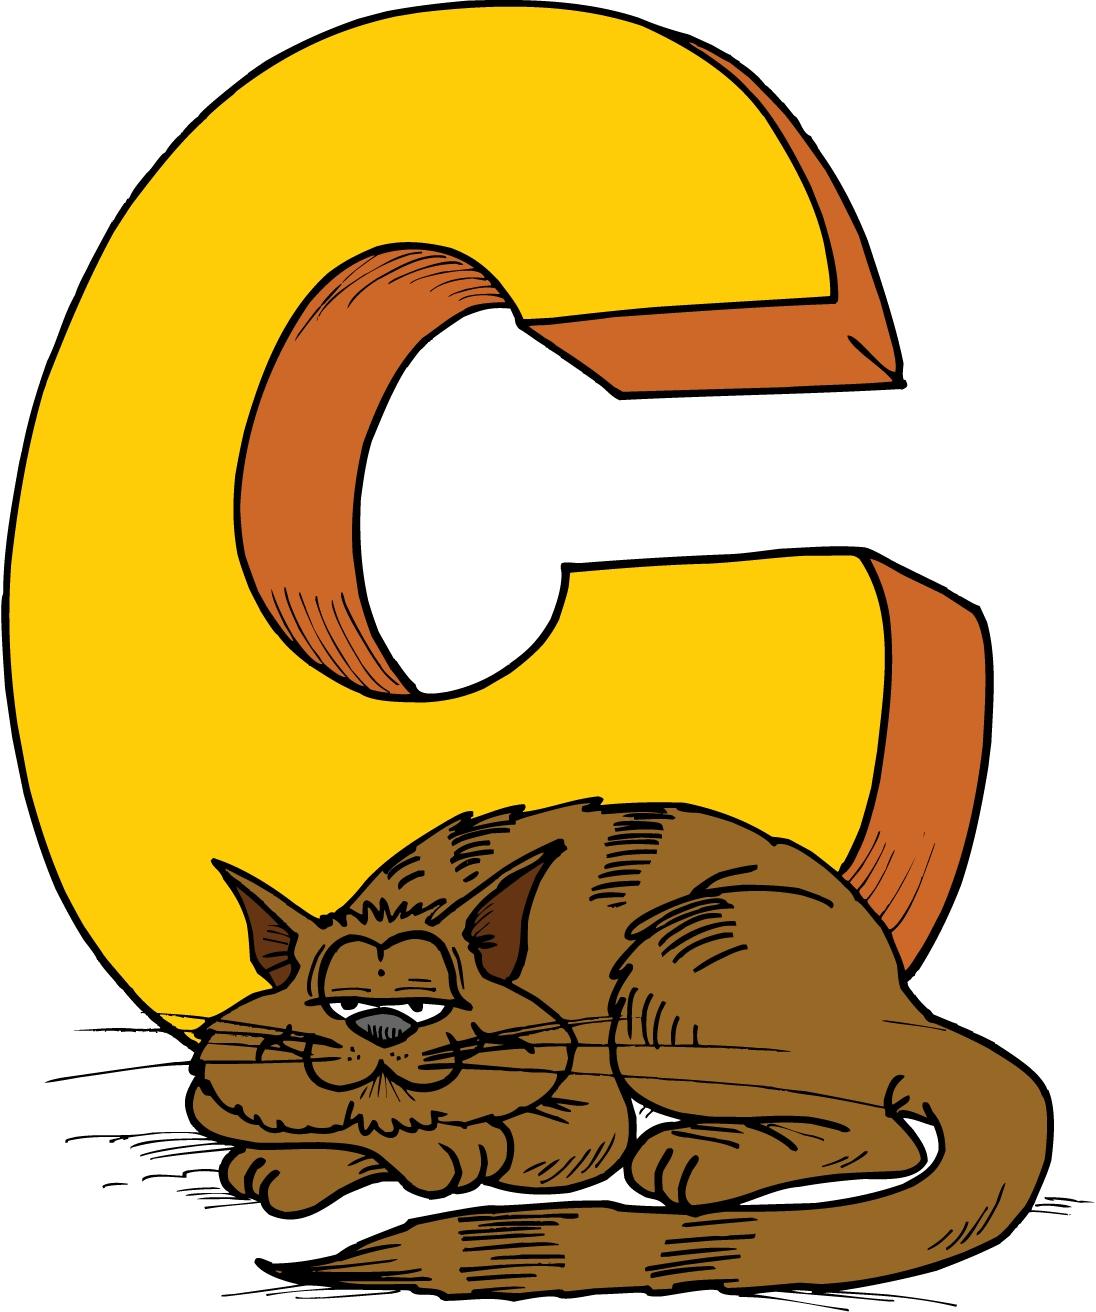 Alphabet letters clip art c clip art royalty free download Animal clipart alphabet letters - ClipartFox clip art royalty free download